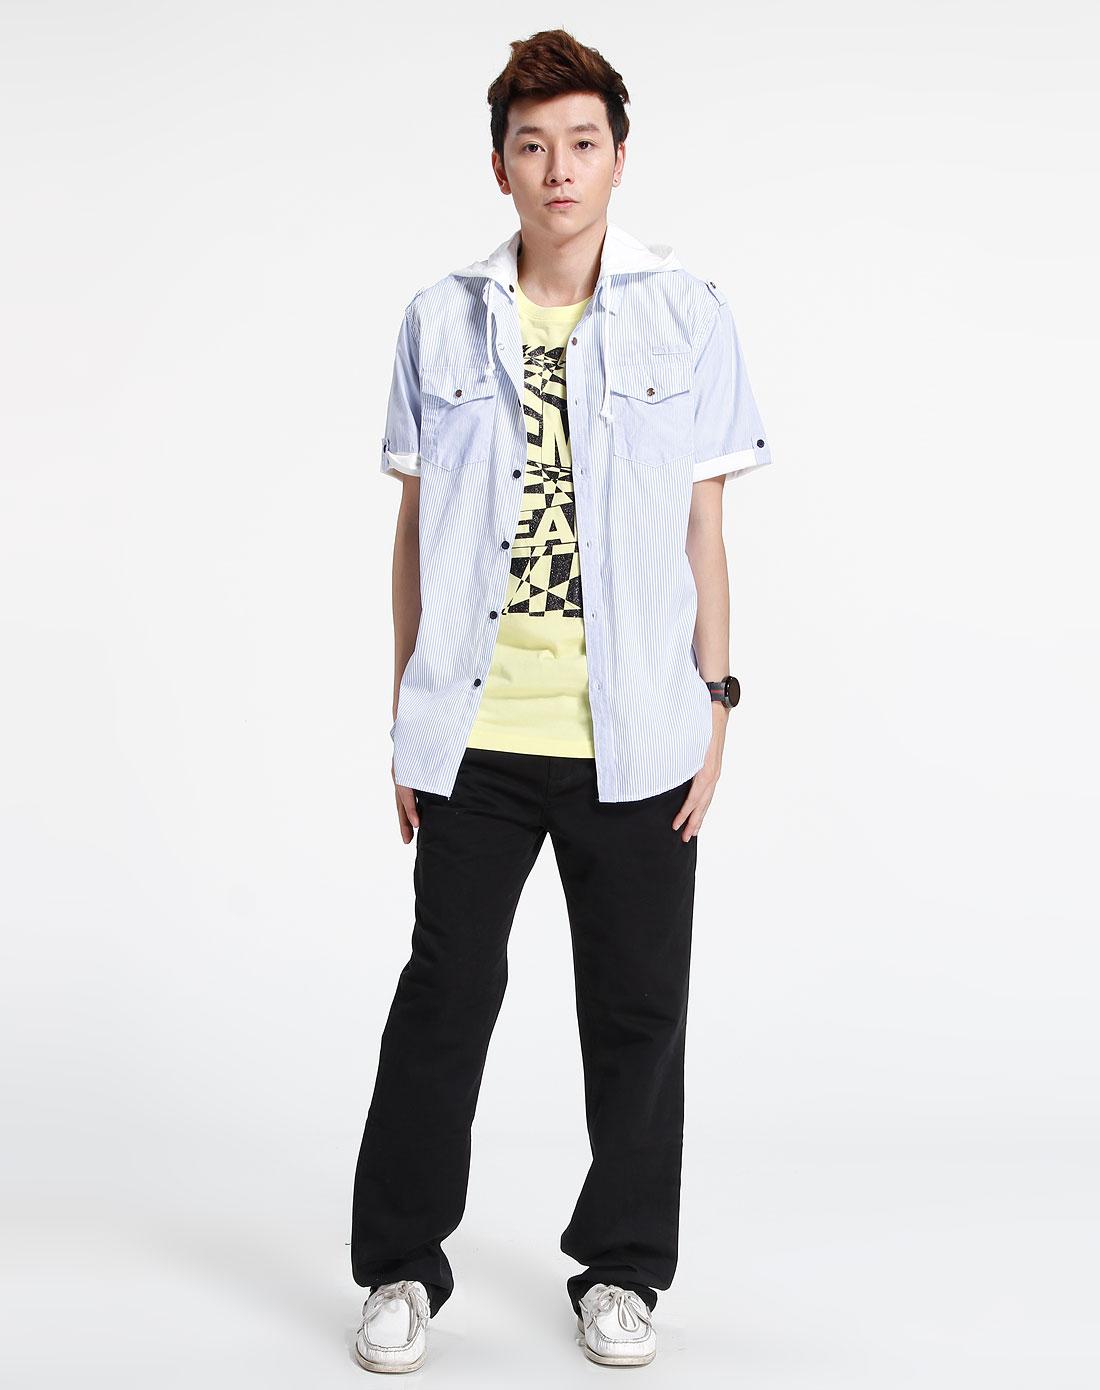 森马-男装-蓝/白色休闲短袖衬衫图片